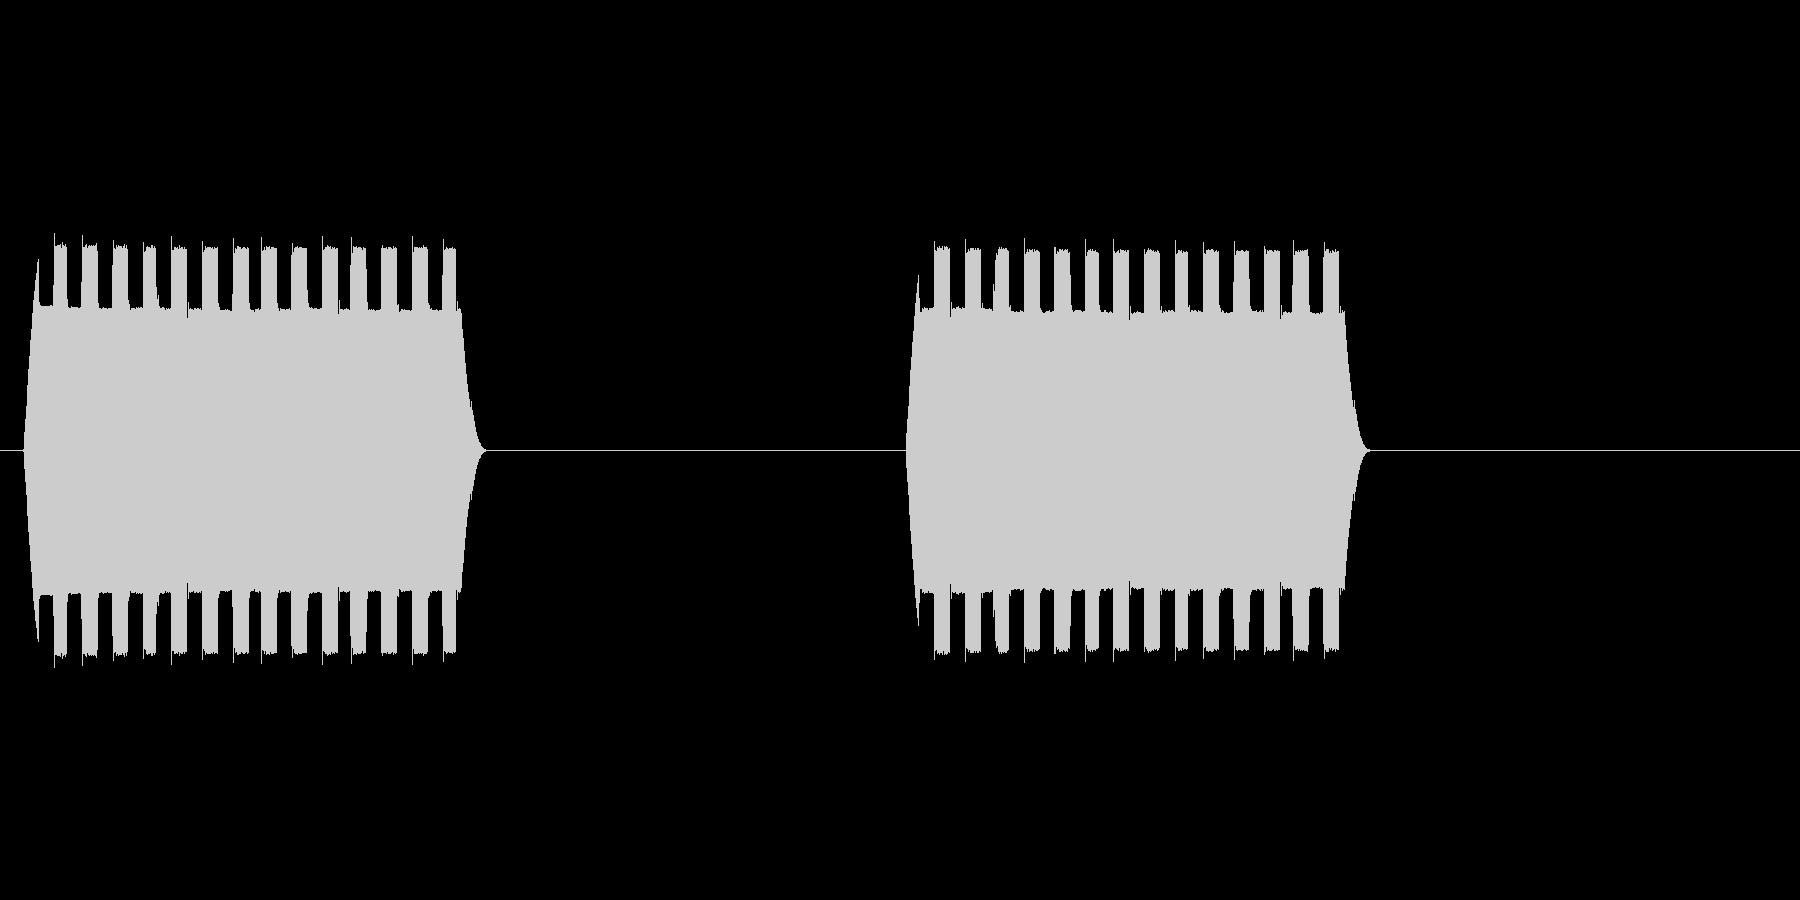 オードソックスな電話着信音です。の未再生の波形